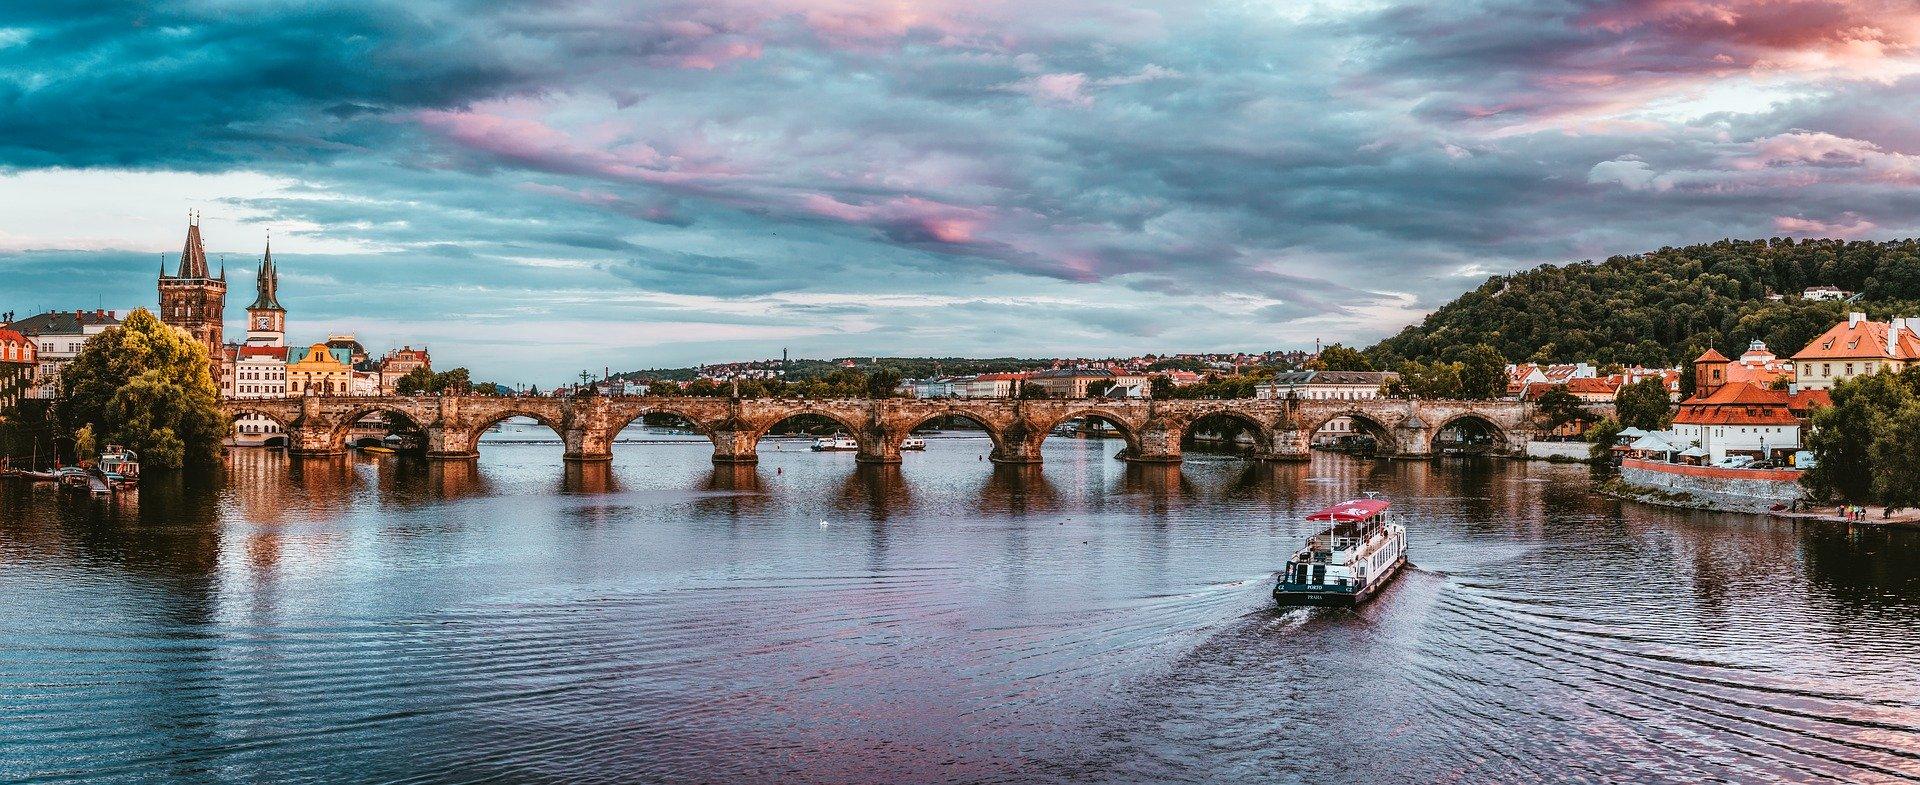 Kurzurlaub Prag - Gratis Bootstour 2 Nächte nur 39,00€